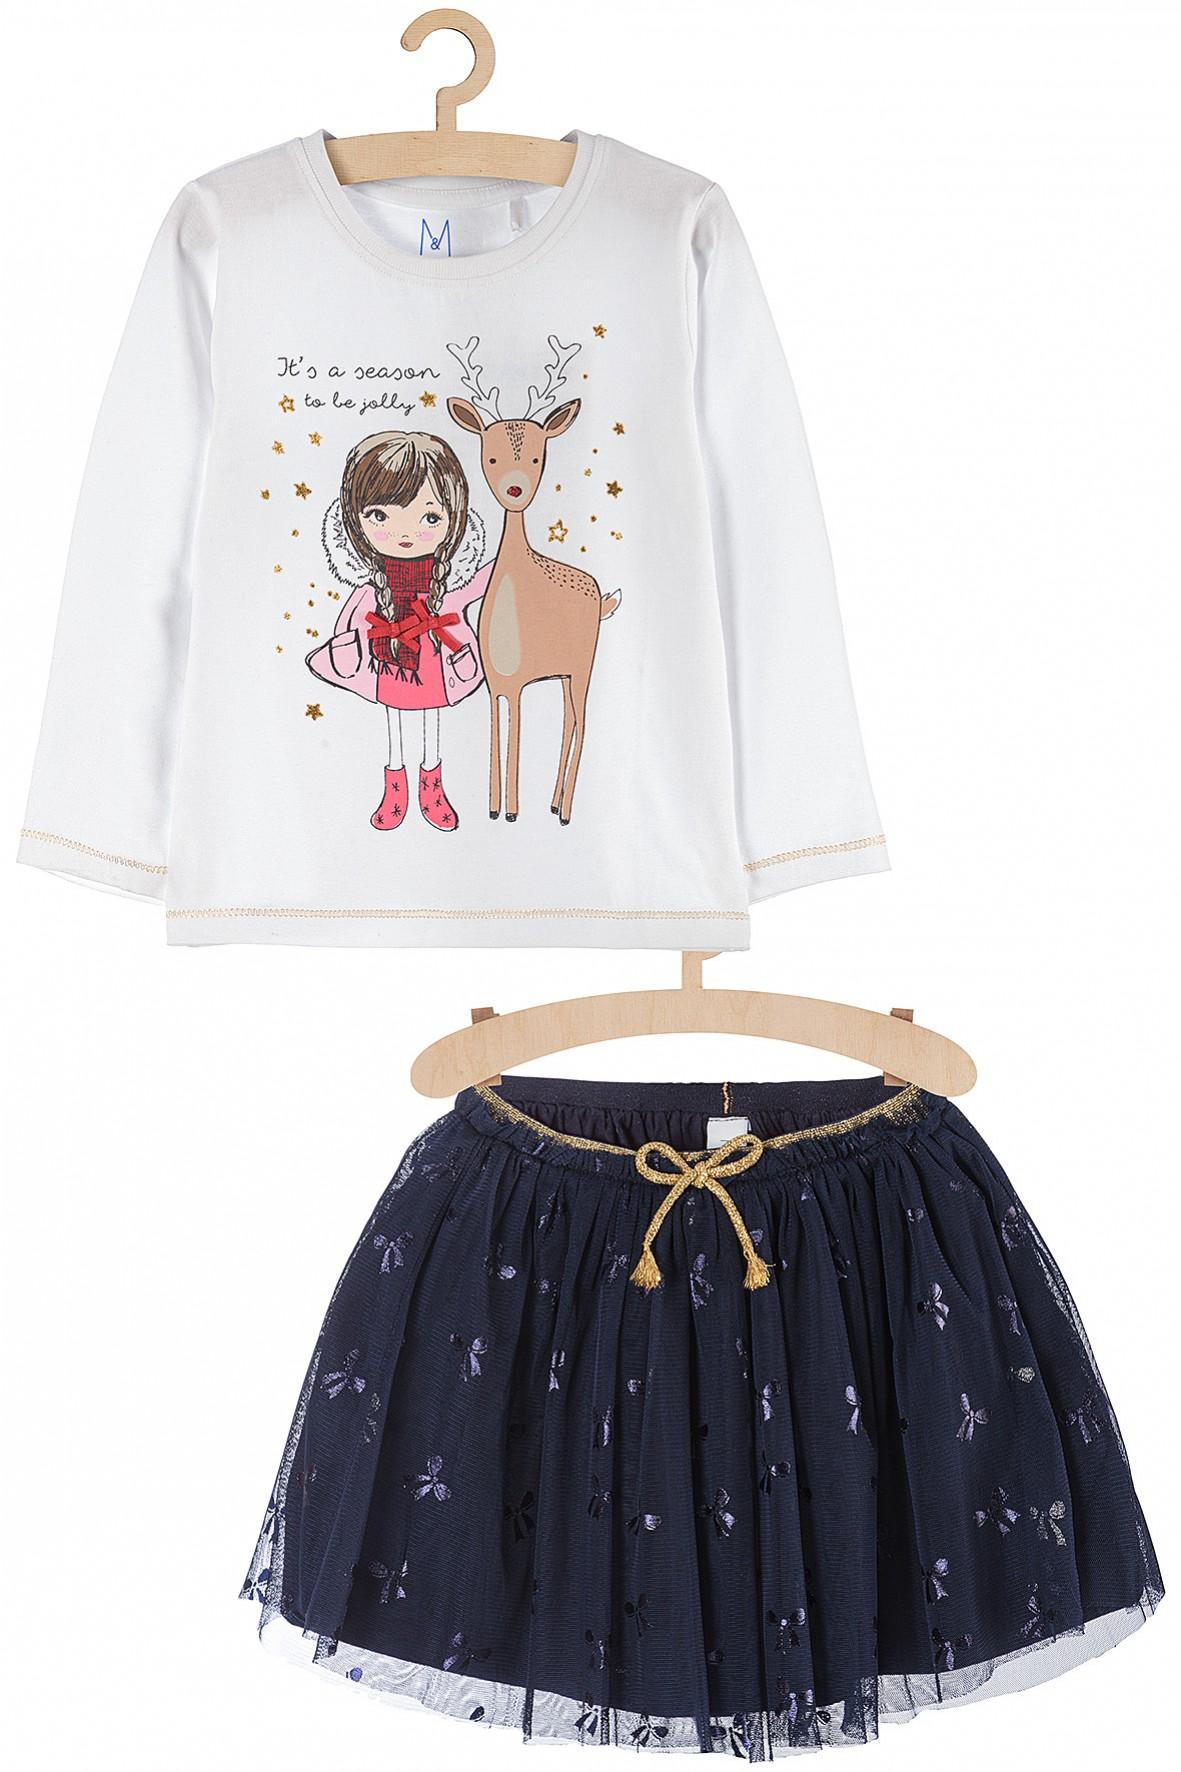 Tiulowa spódniczka i bluzka dla dziewczynki- komplet ubrań z motywem świątecznym